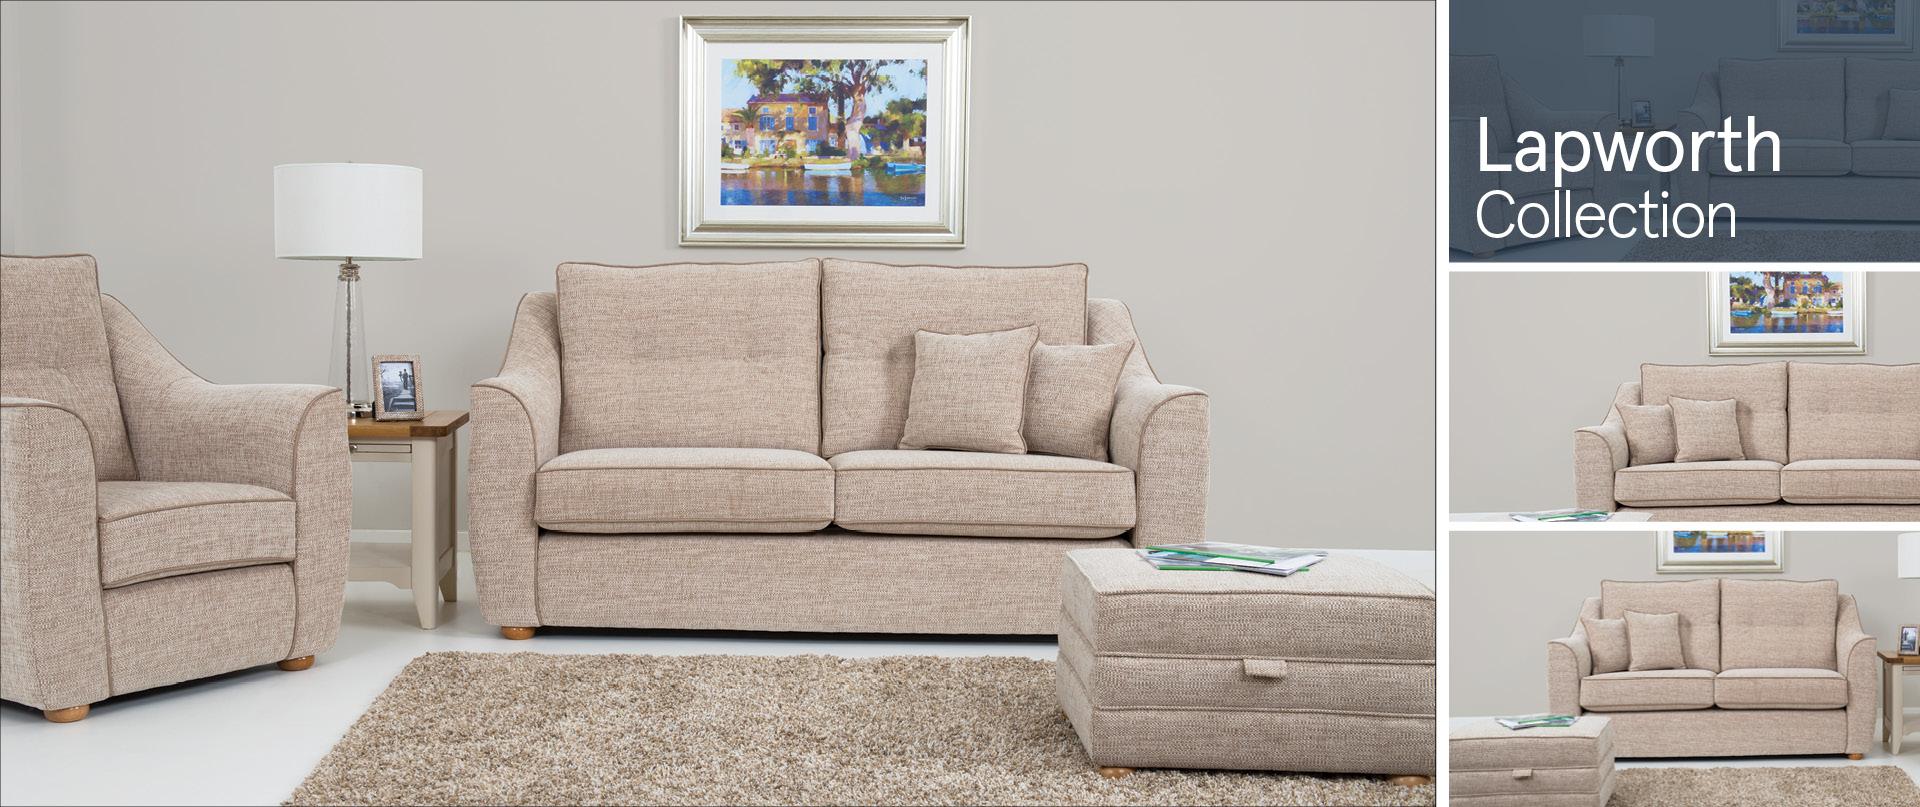 Lapworth Fabric Sofa Ranges